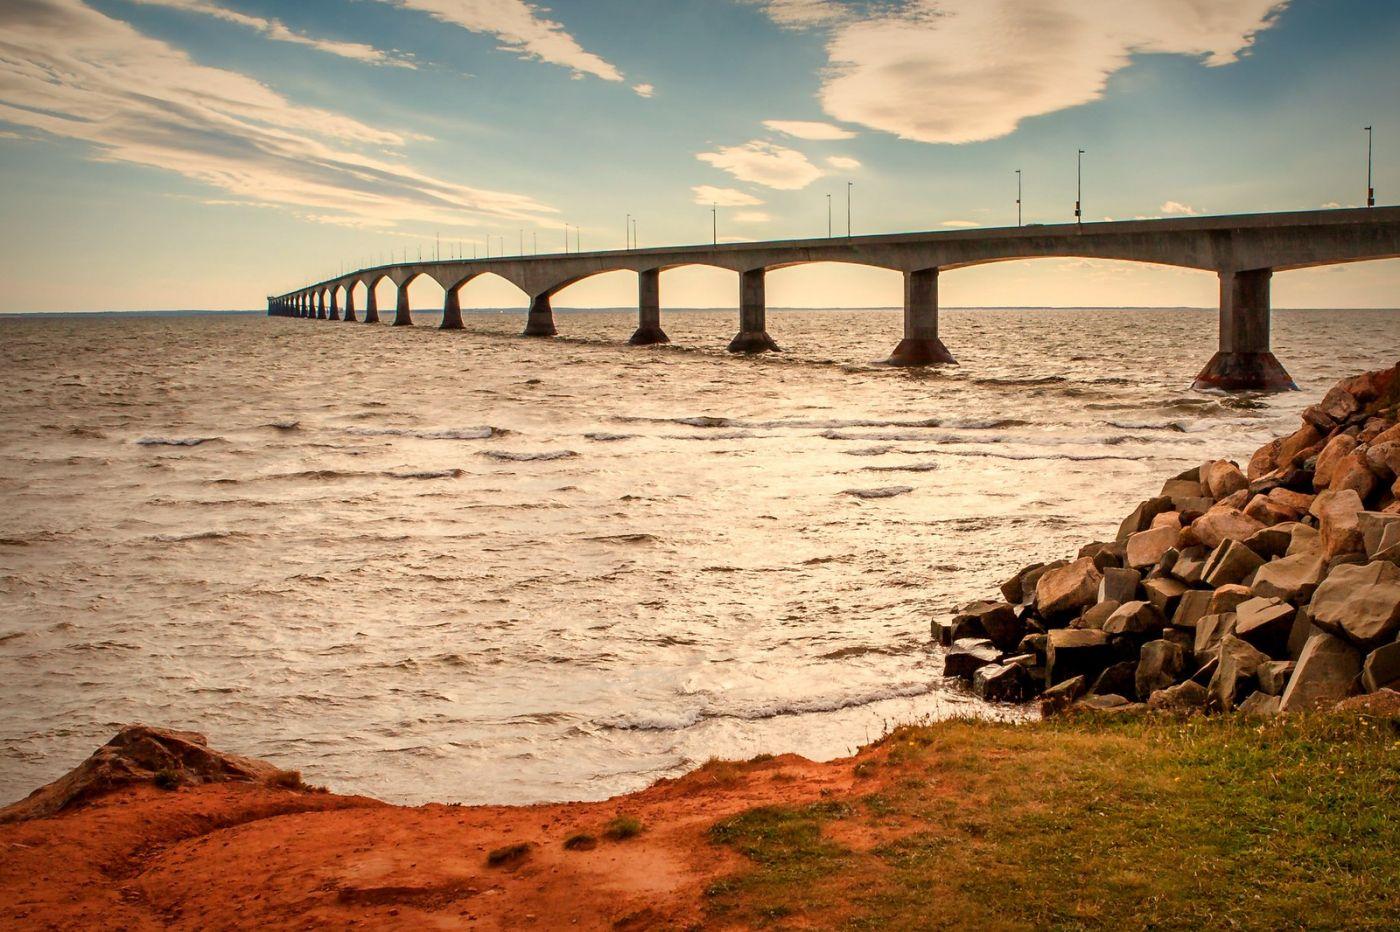 加拿大风景,长桥前逗留_图1-11